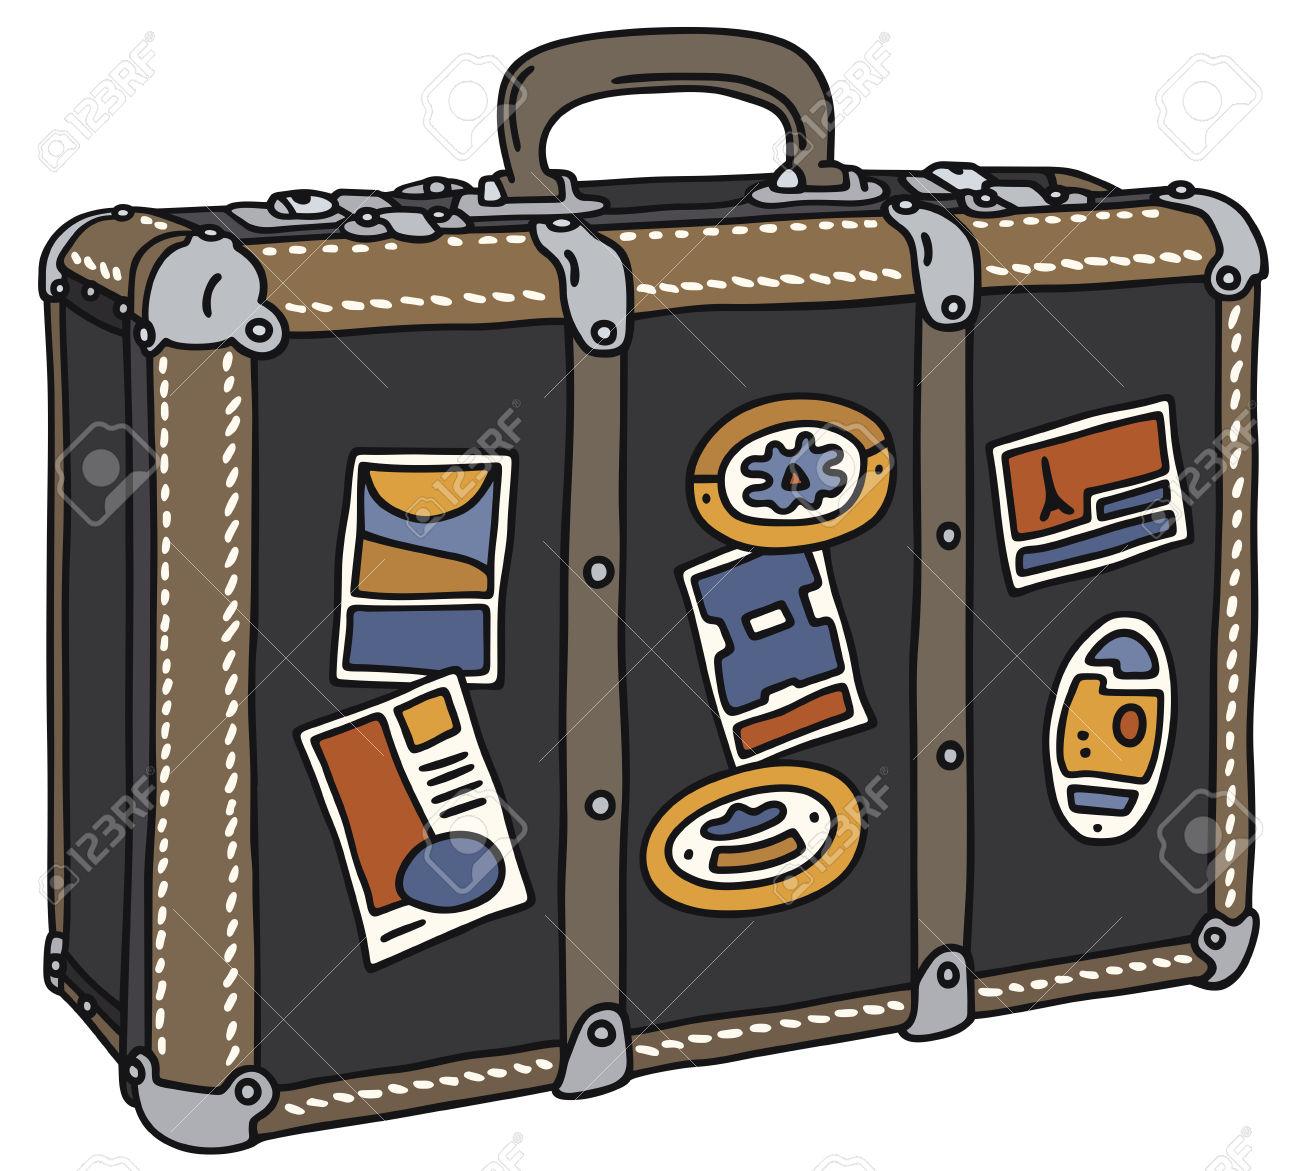 25 05 carr ment conte histoire de vies d habitants dans ma valise bam. Black Bedroom Furniture Sets. Home Design Ideas